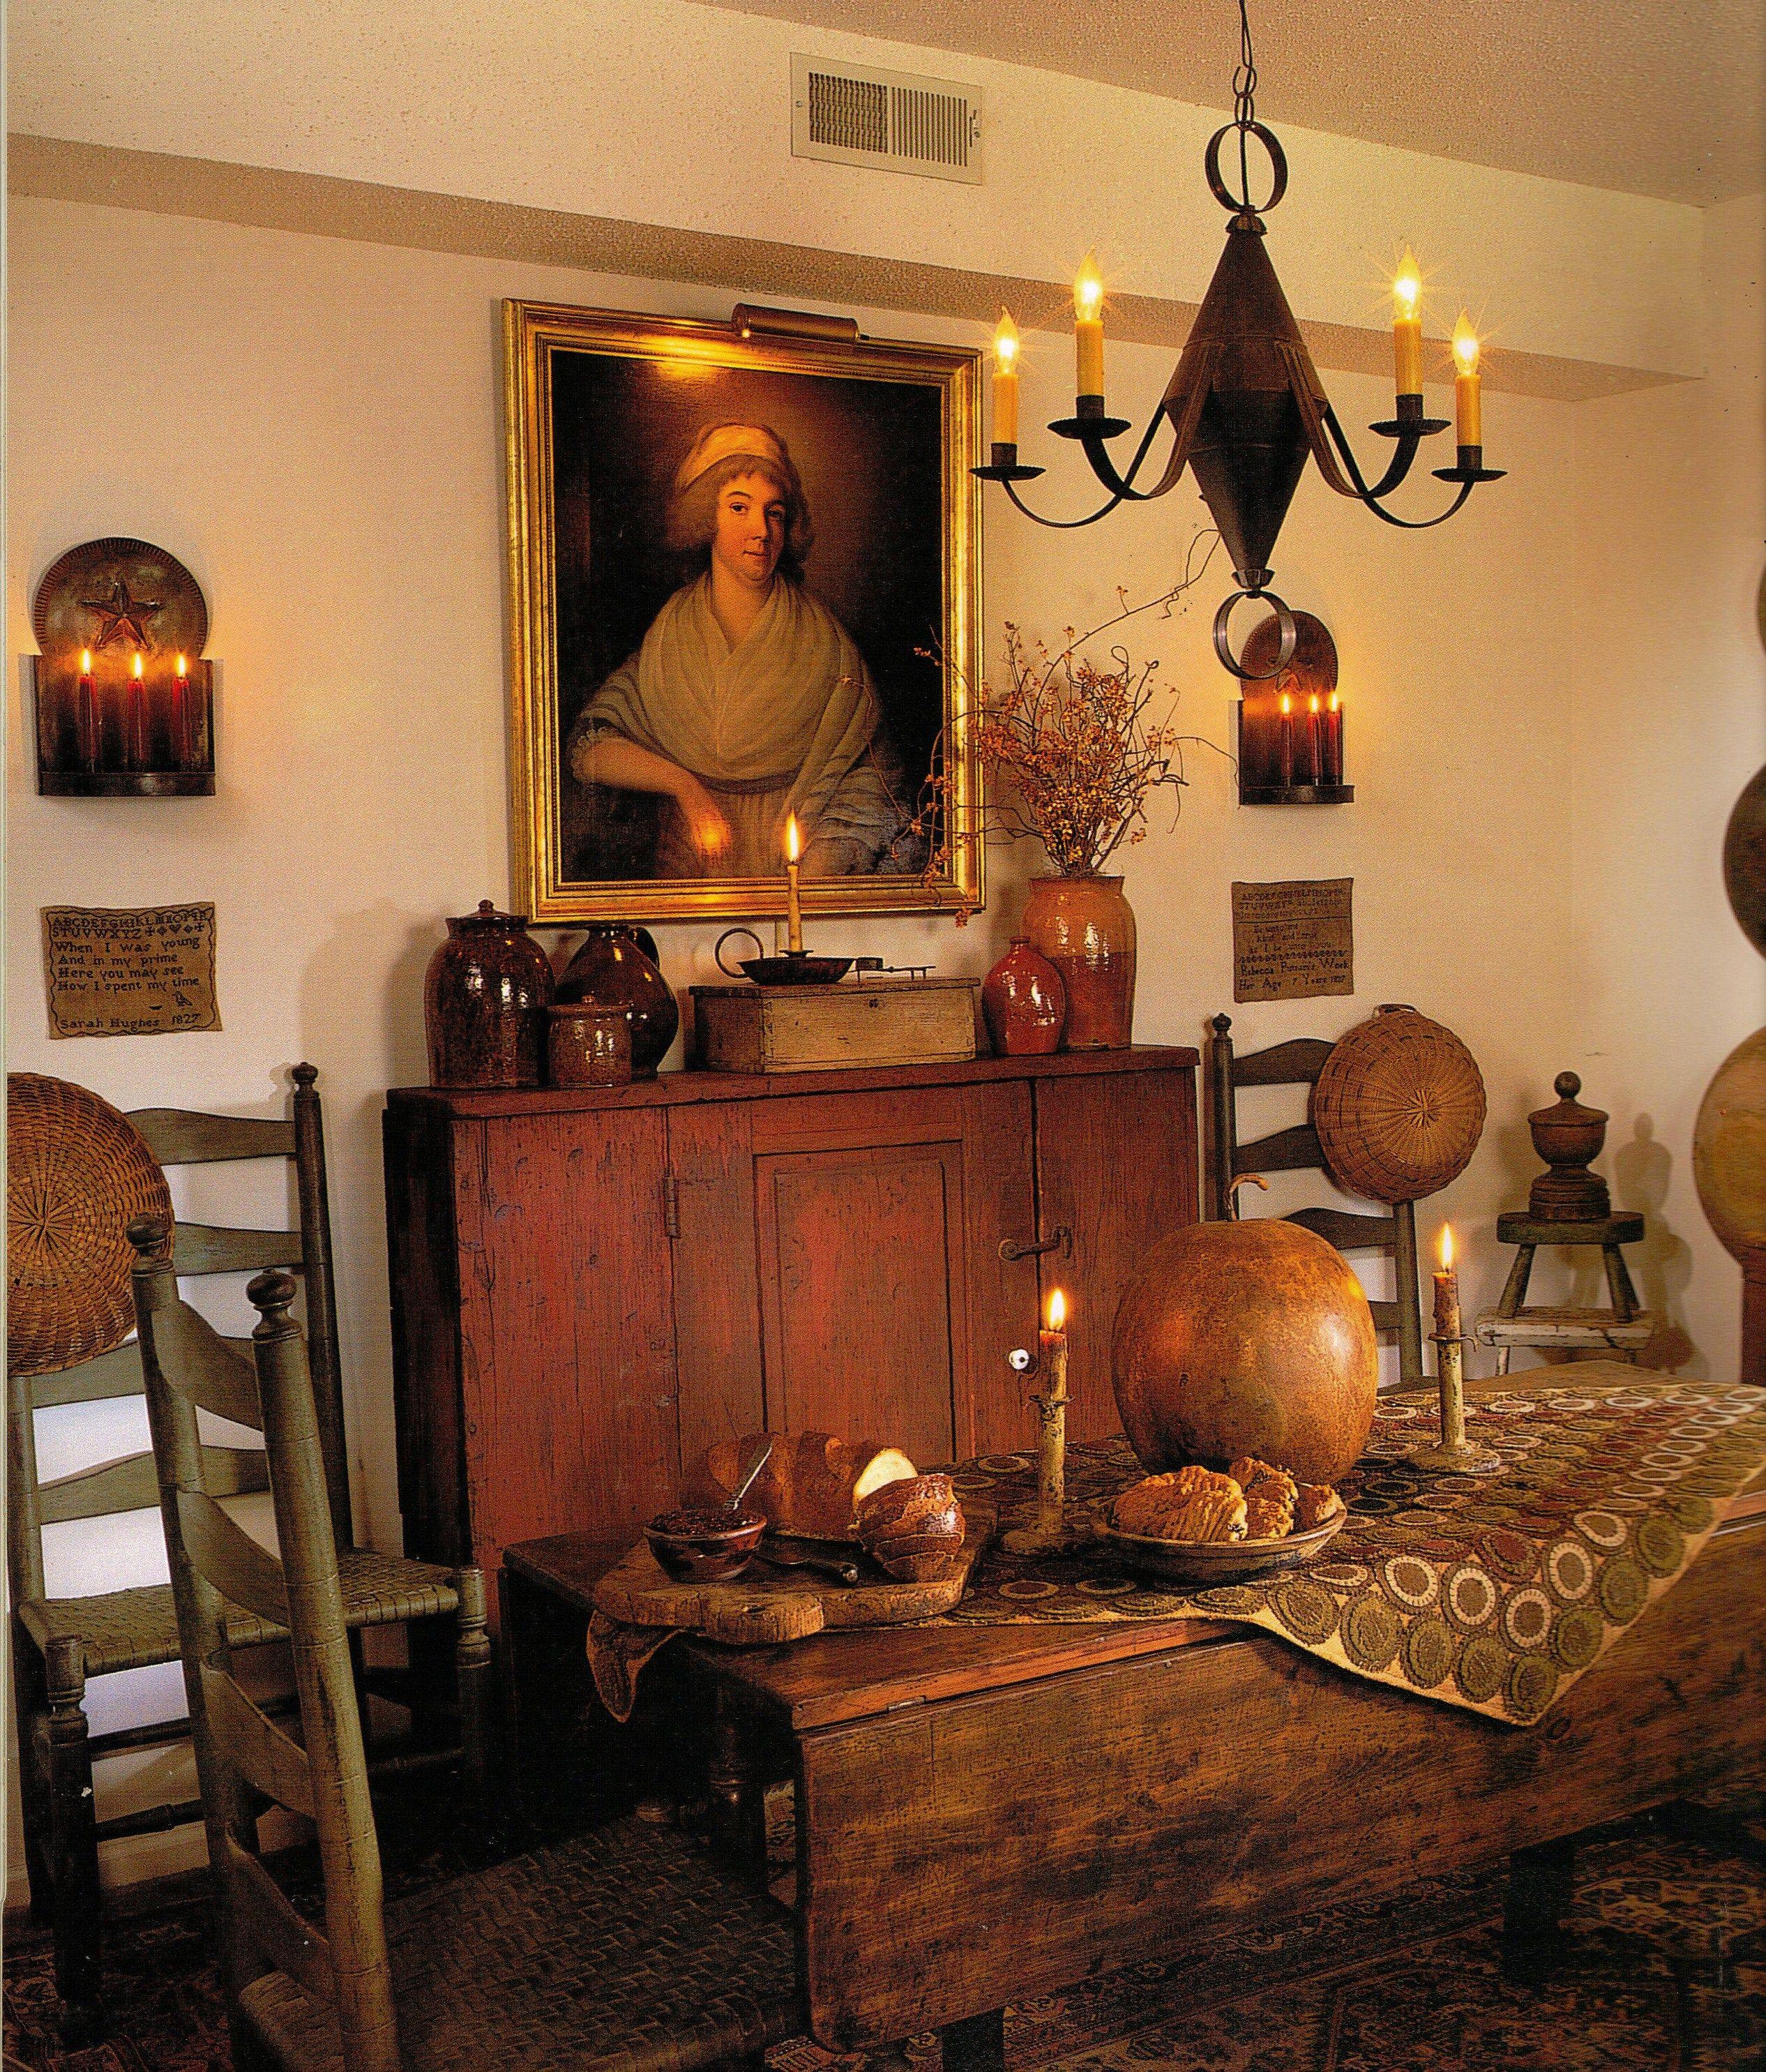 Pin de Bailey en Colonial decorating | Pinterest | Primitivo y ...